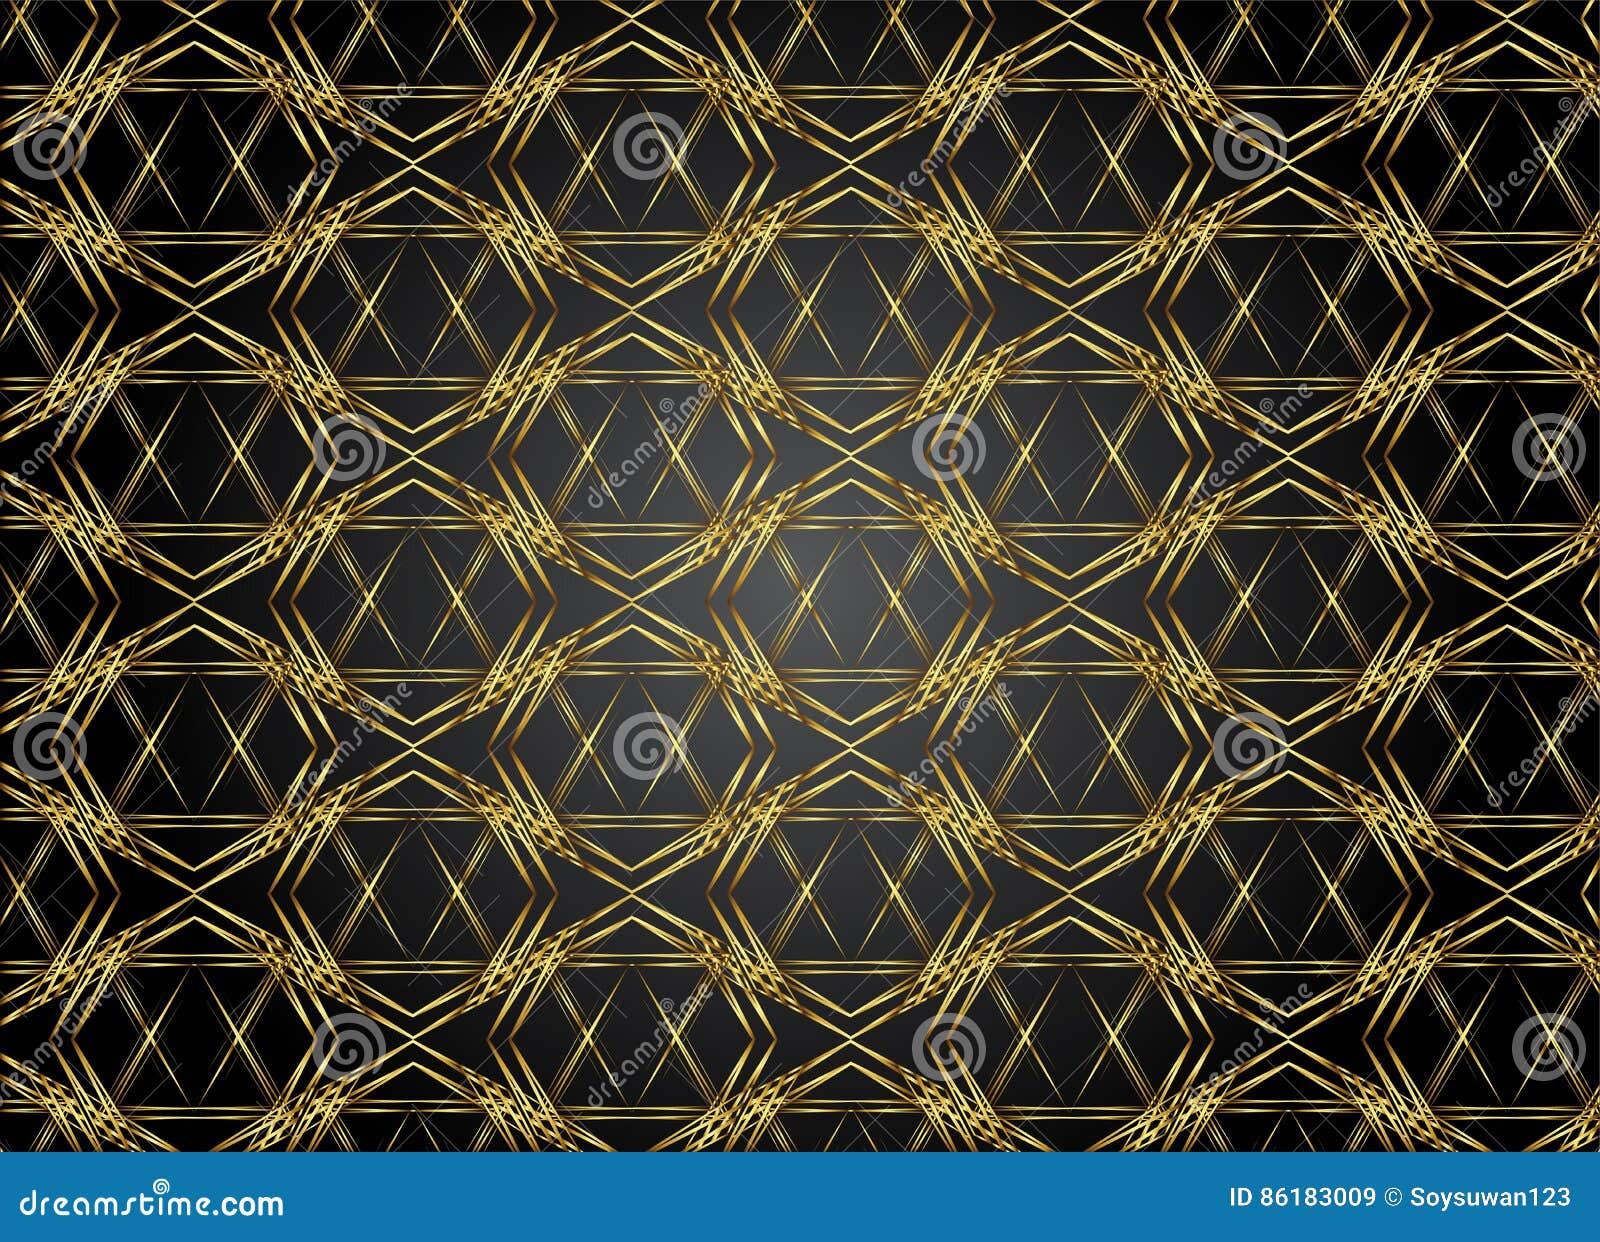 Golden and Dark pattern vintage backgrounds for design.